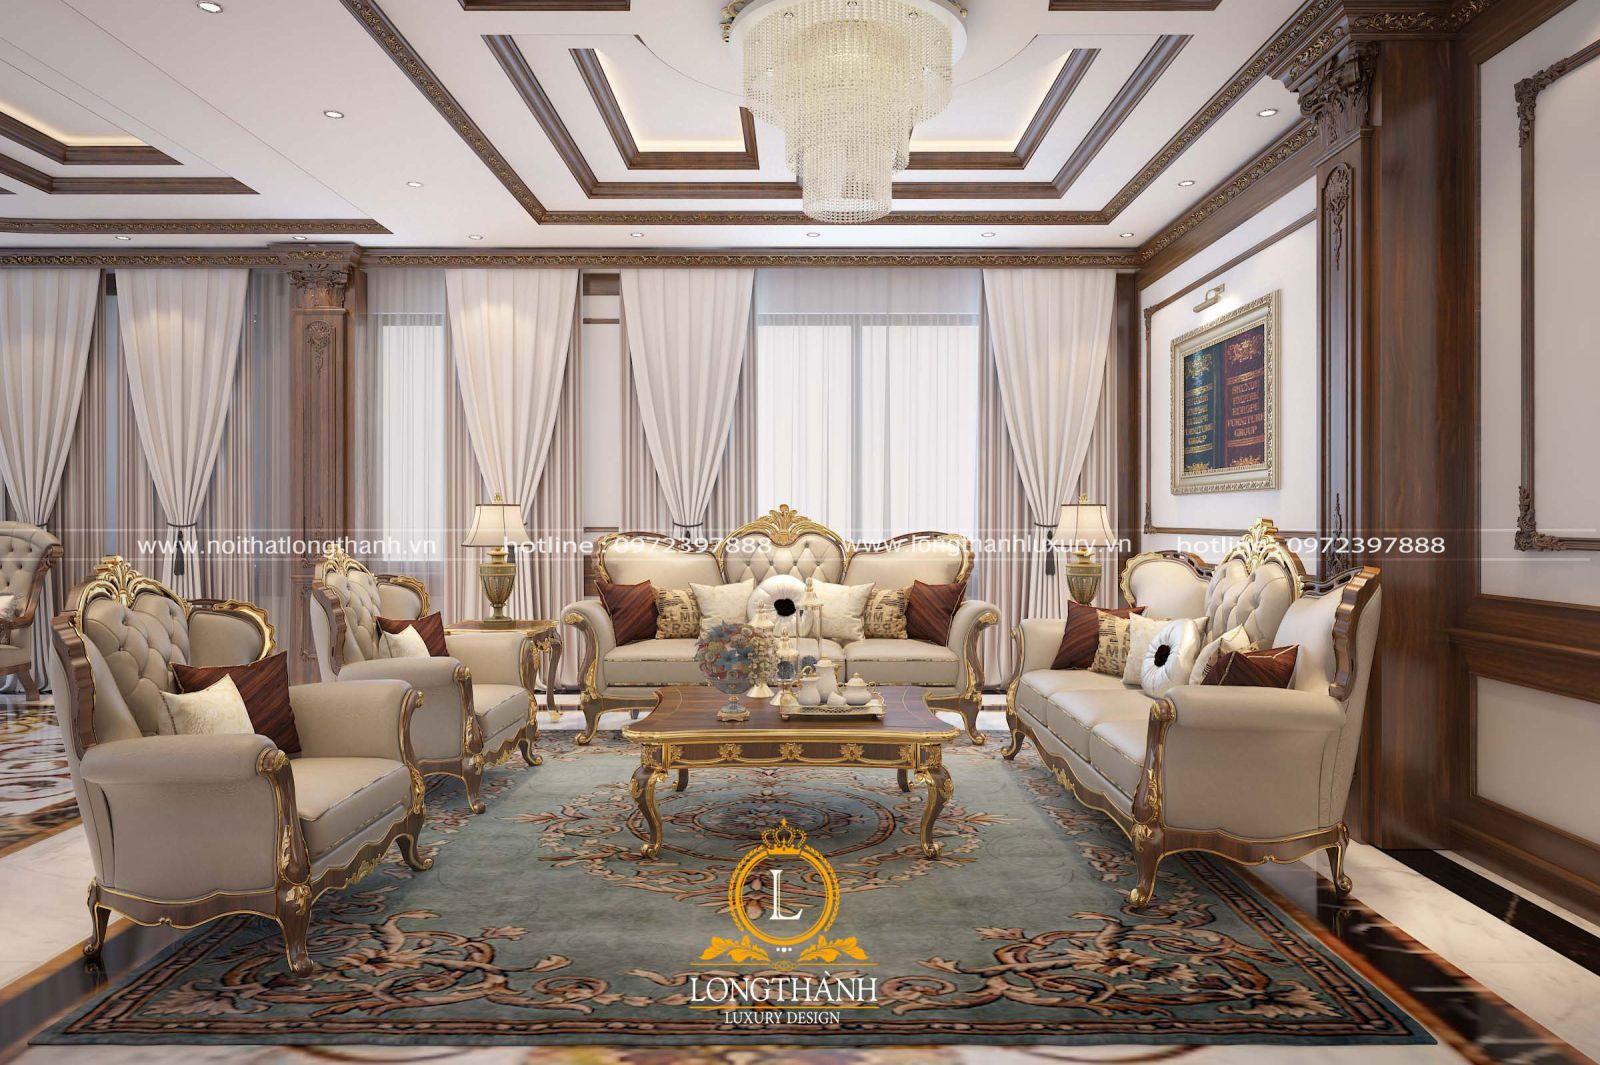 Độ dày mỏng của gối tựa sofa cũng là yếu tố quan trọng giúp tạo sự cân gối, thoải mái khi sử dụng